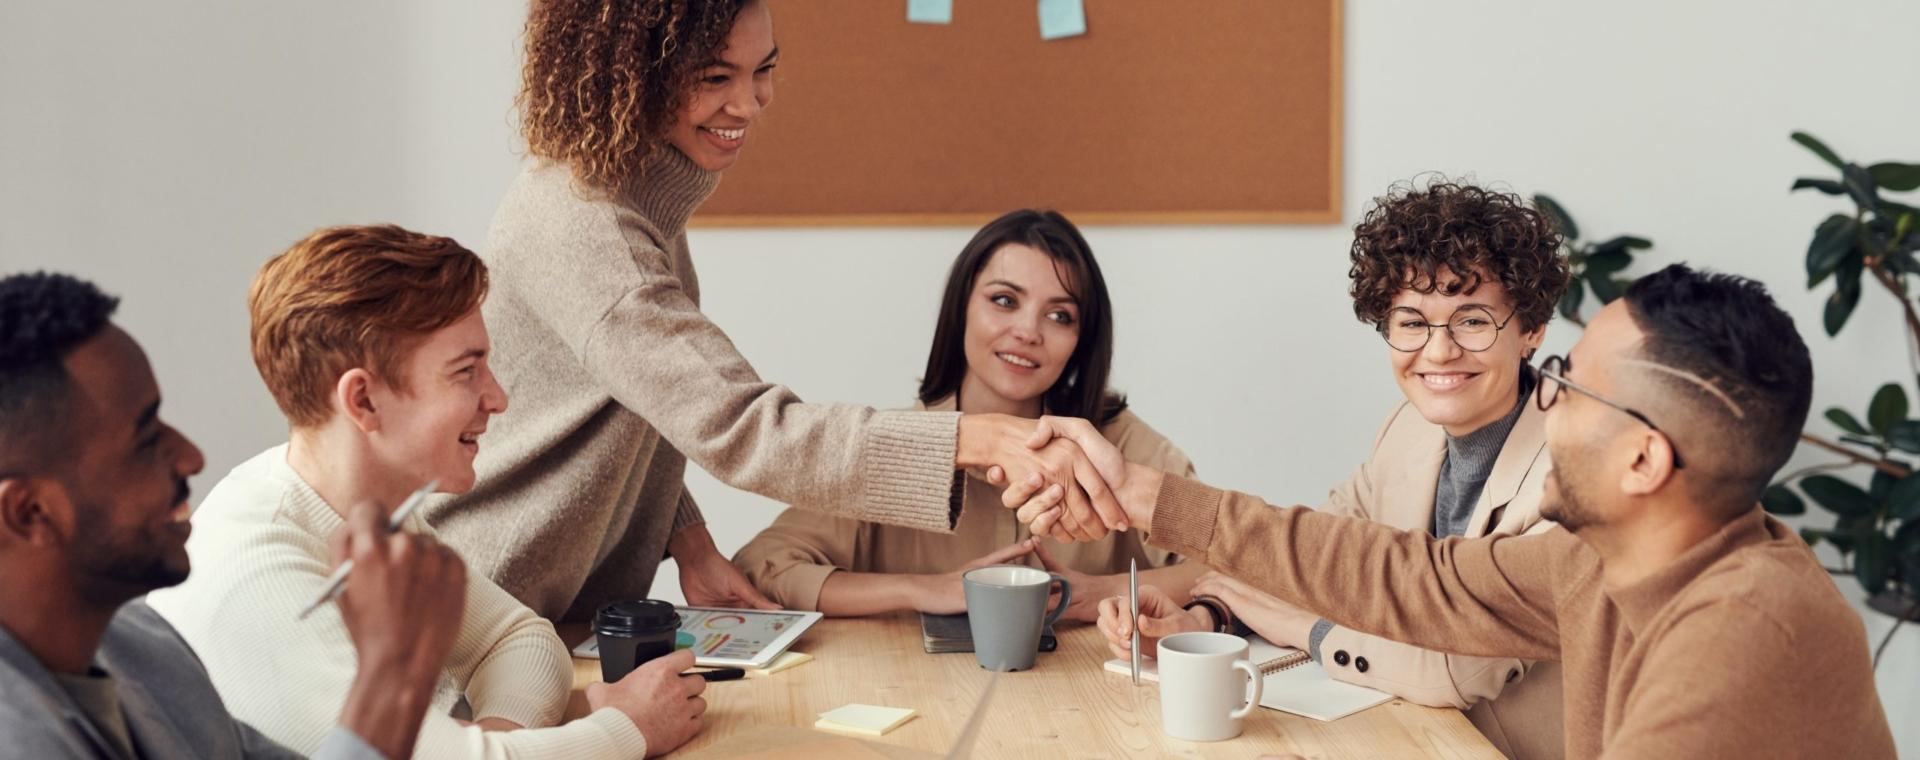 Ludzie w pracy spotykają się i podają sobie ręce